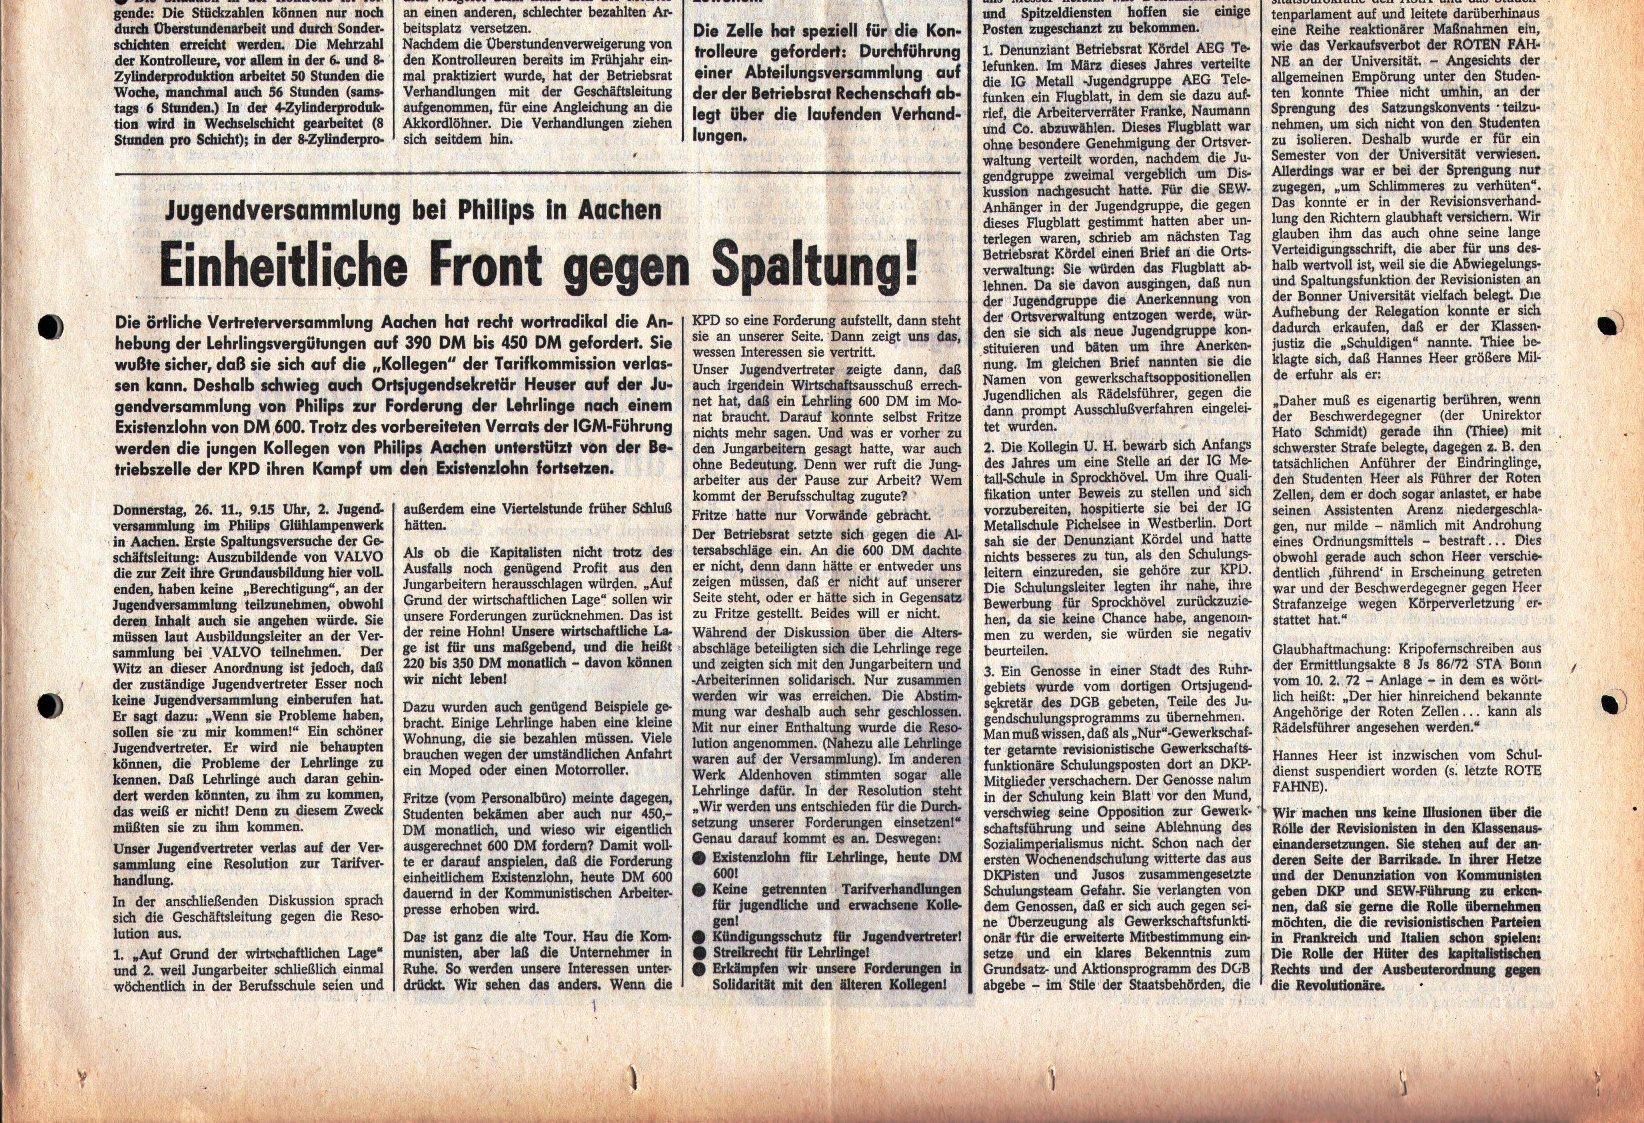 KPD_Rote_Fahne_1972_72_10